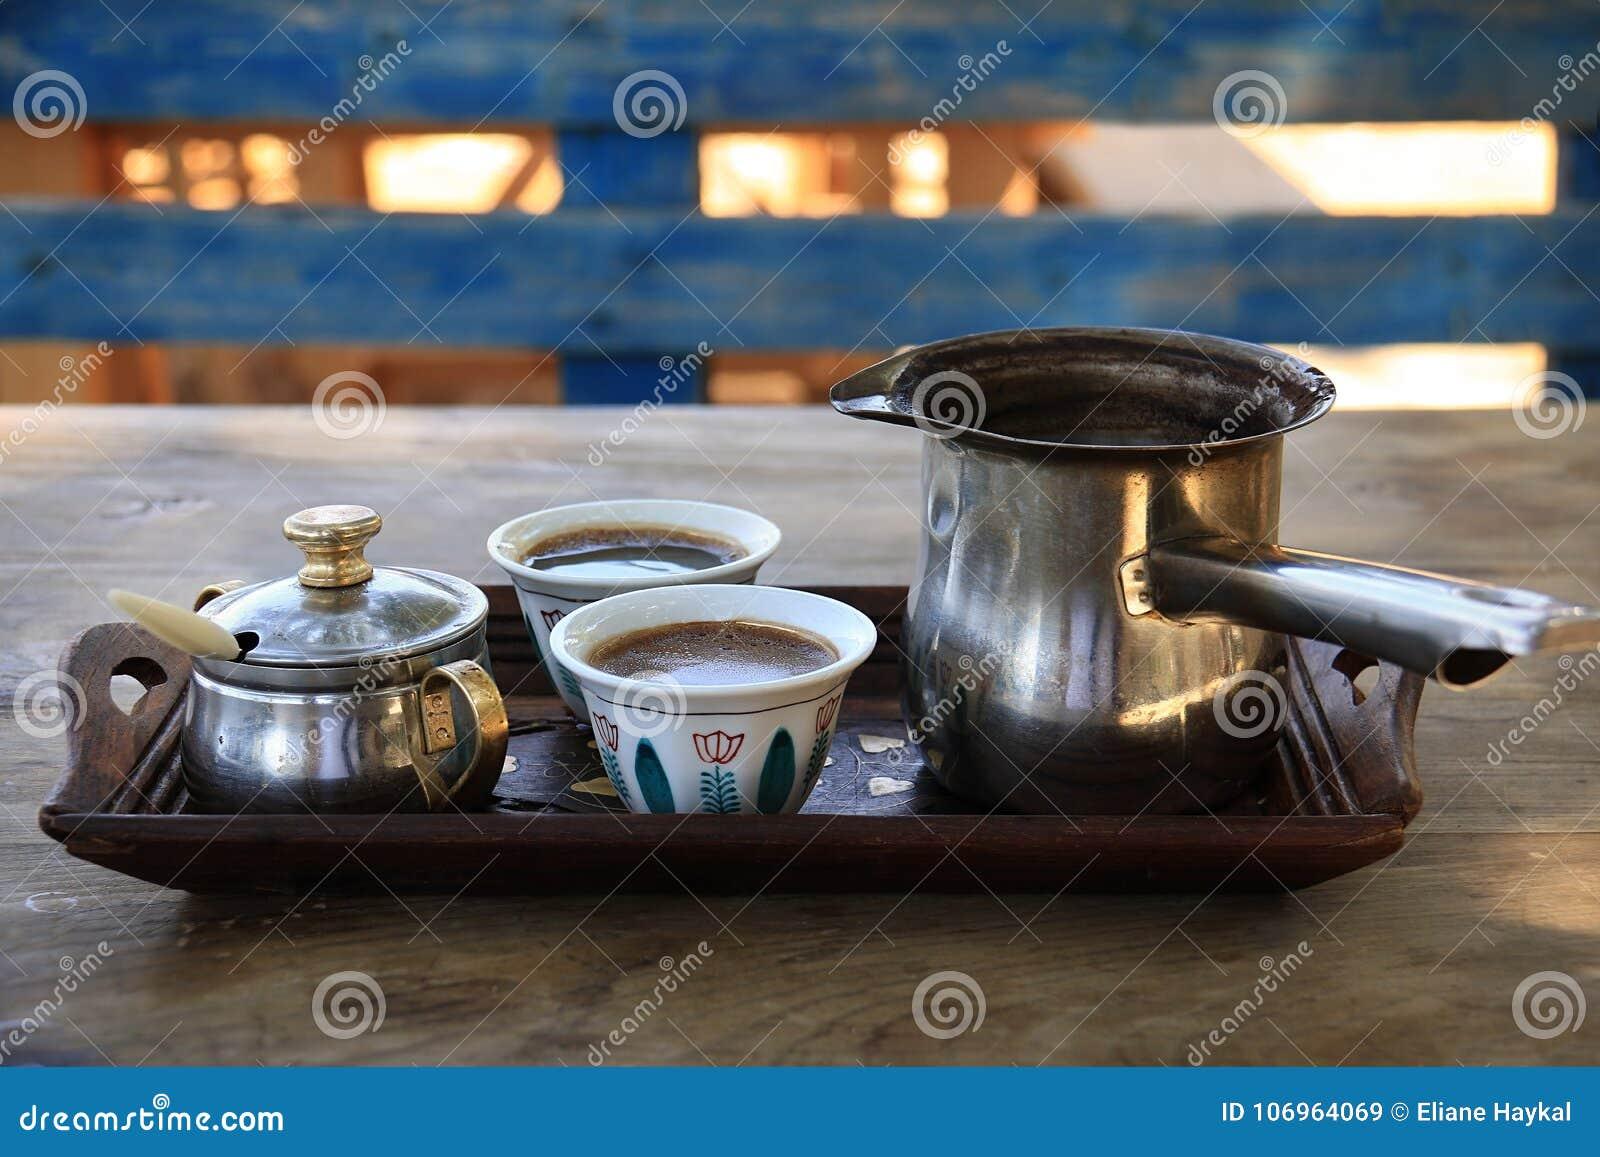 Turkish Coffee Setting In Lebanon Stock Image